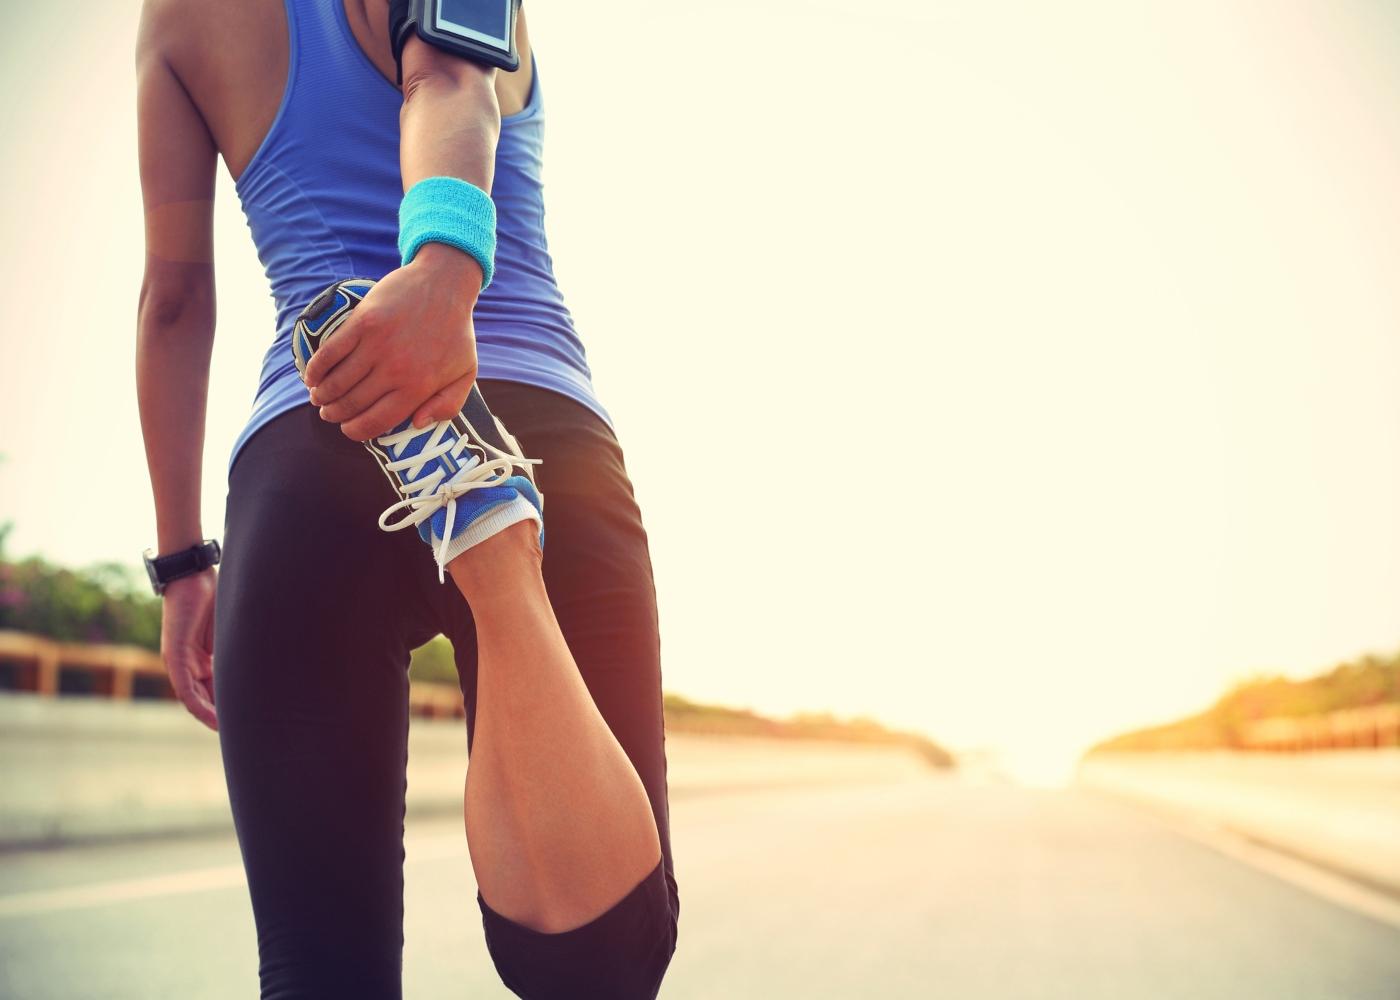 jovem a preparar para correr a meia maratona